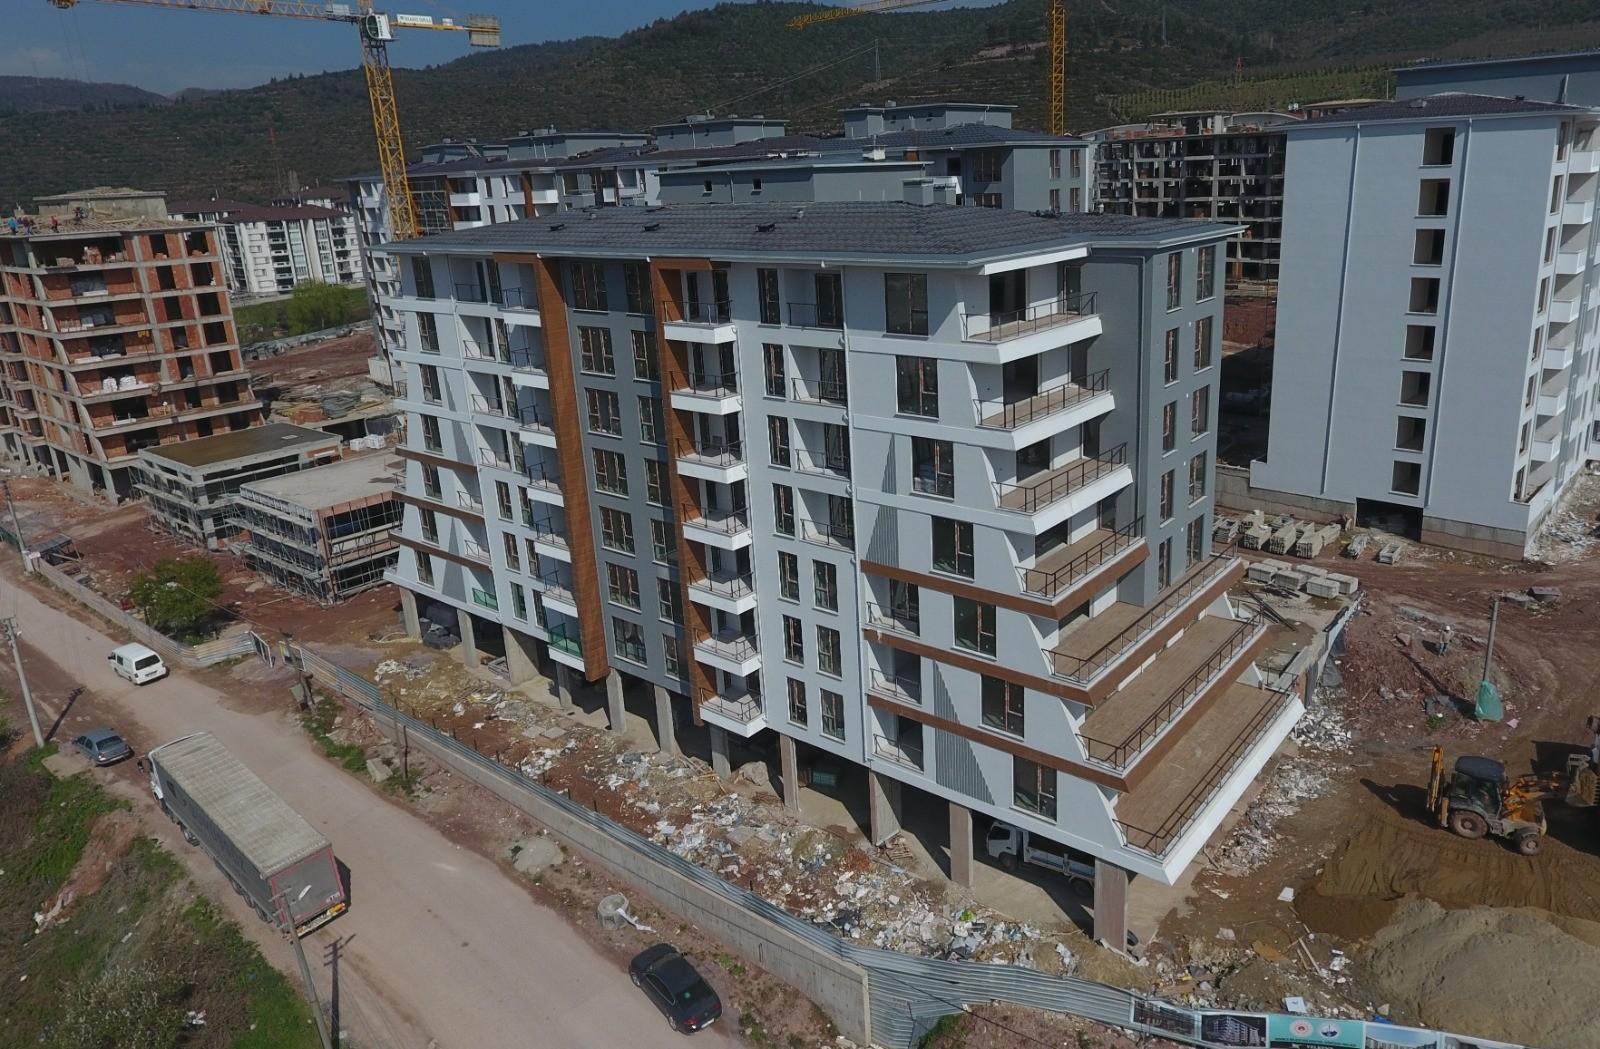 Kocaeli'de kentsel dönüşüm çalışmaları! Araptepe'deki çalışmalarının yüzde 65'i tamamlandı